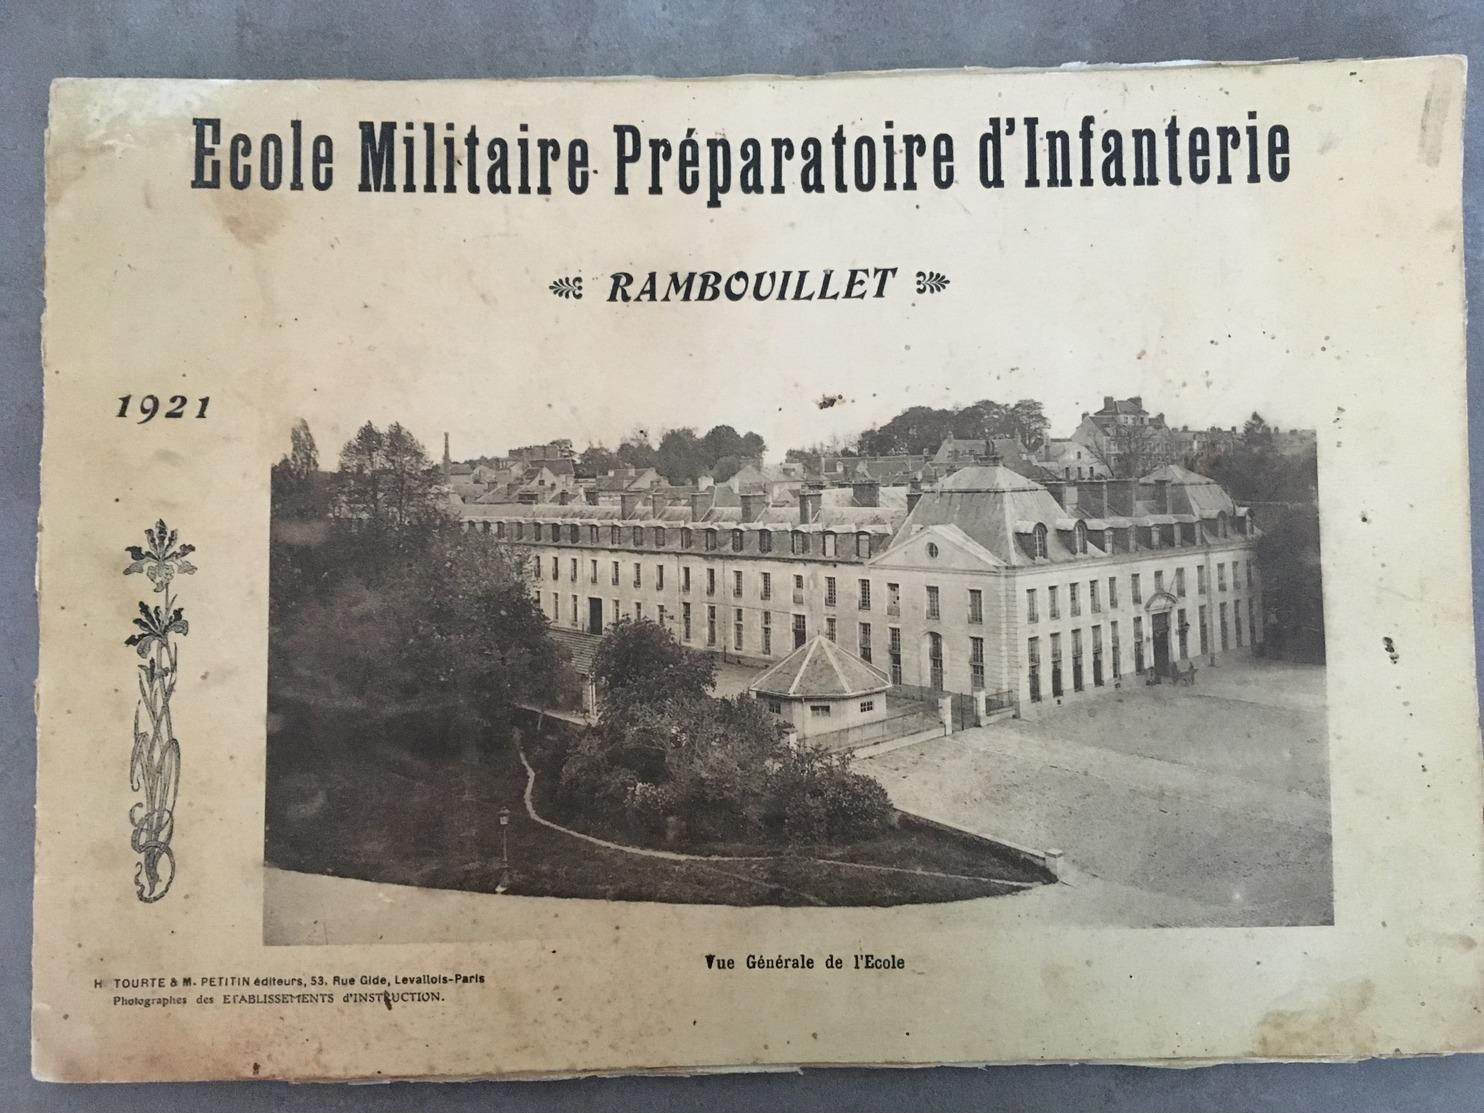 LIVRET ECOLE MILITAIRE PREPARATOIRE D'INFANTERIE RAMBOUILLET - Catalogues